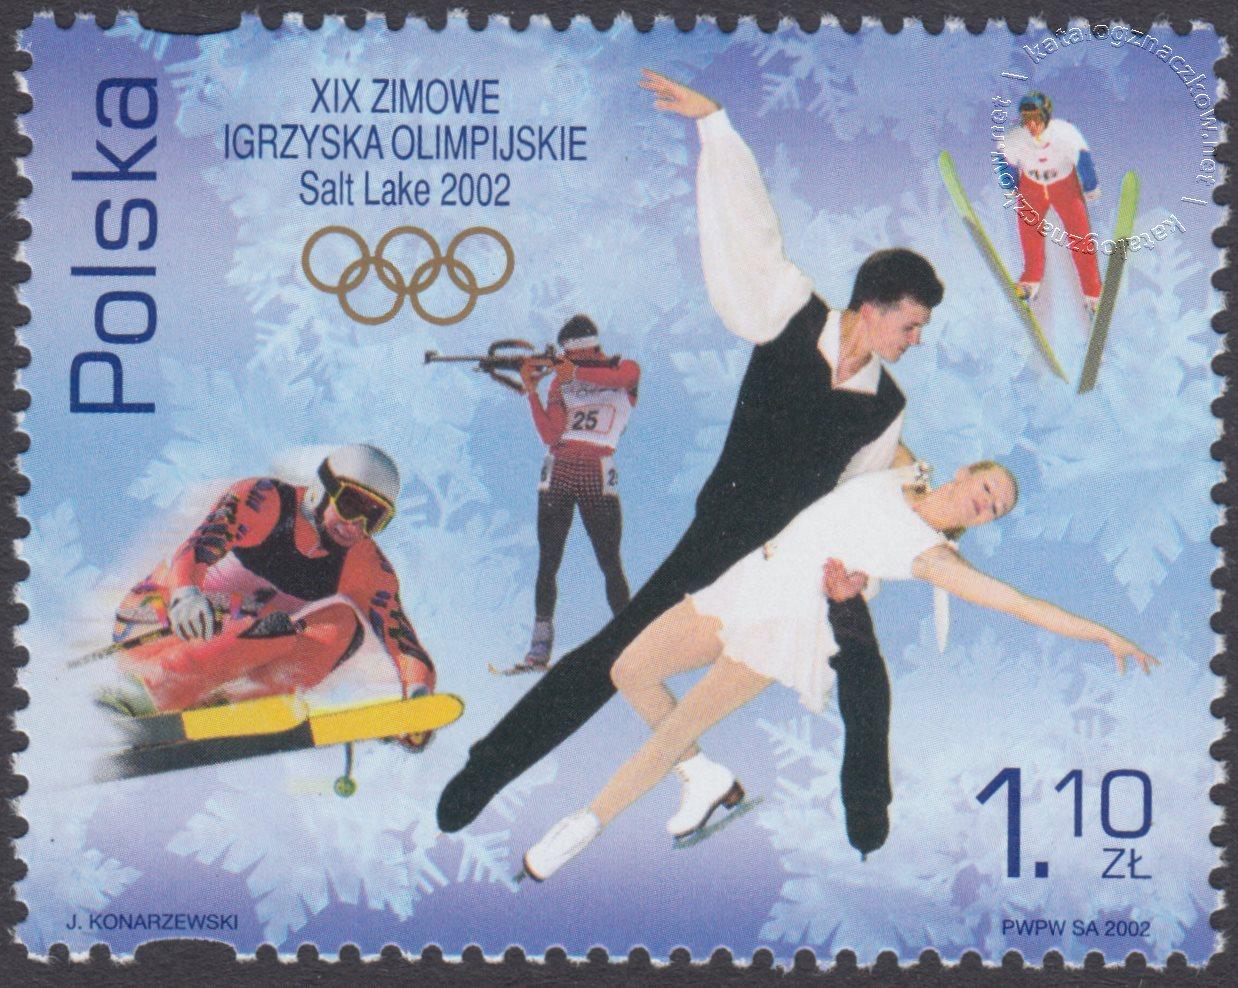 XIX Zimowe Igrzyska Olimpijskie – Salt Lake City 2002 znaczek nr 3802